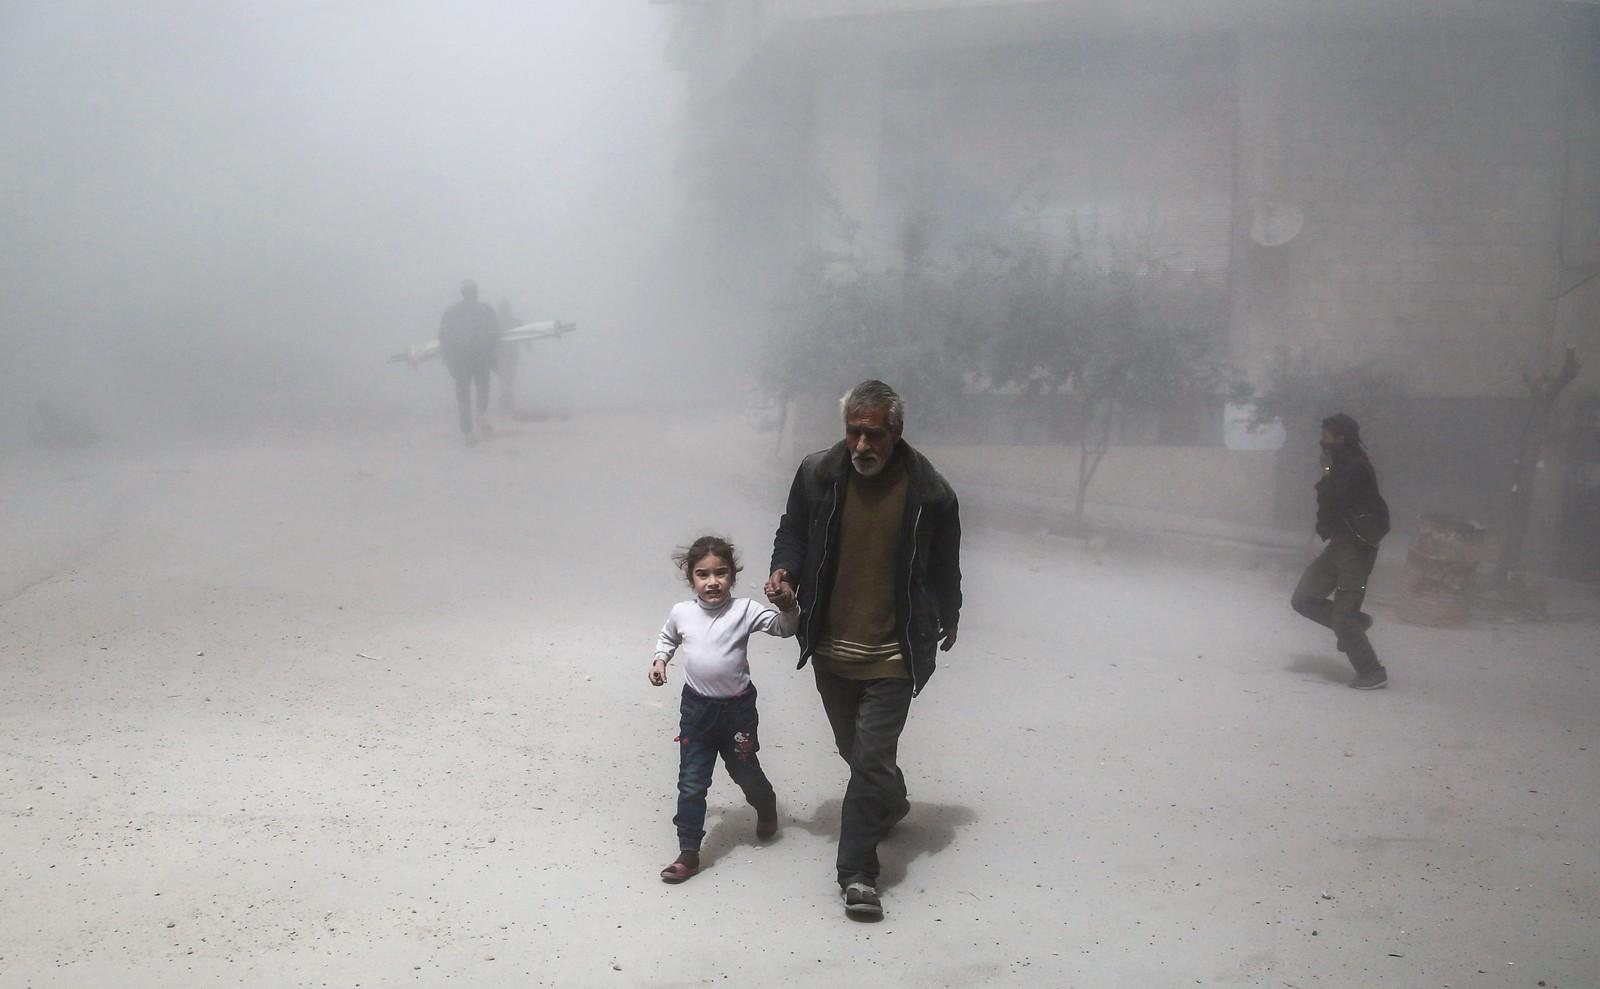 En syrisk mann og en jente forsøker å komme seg i sikkerhet etter et luftangrep mot byen Hamouriyah i Syria.